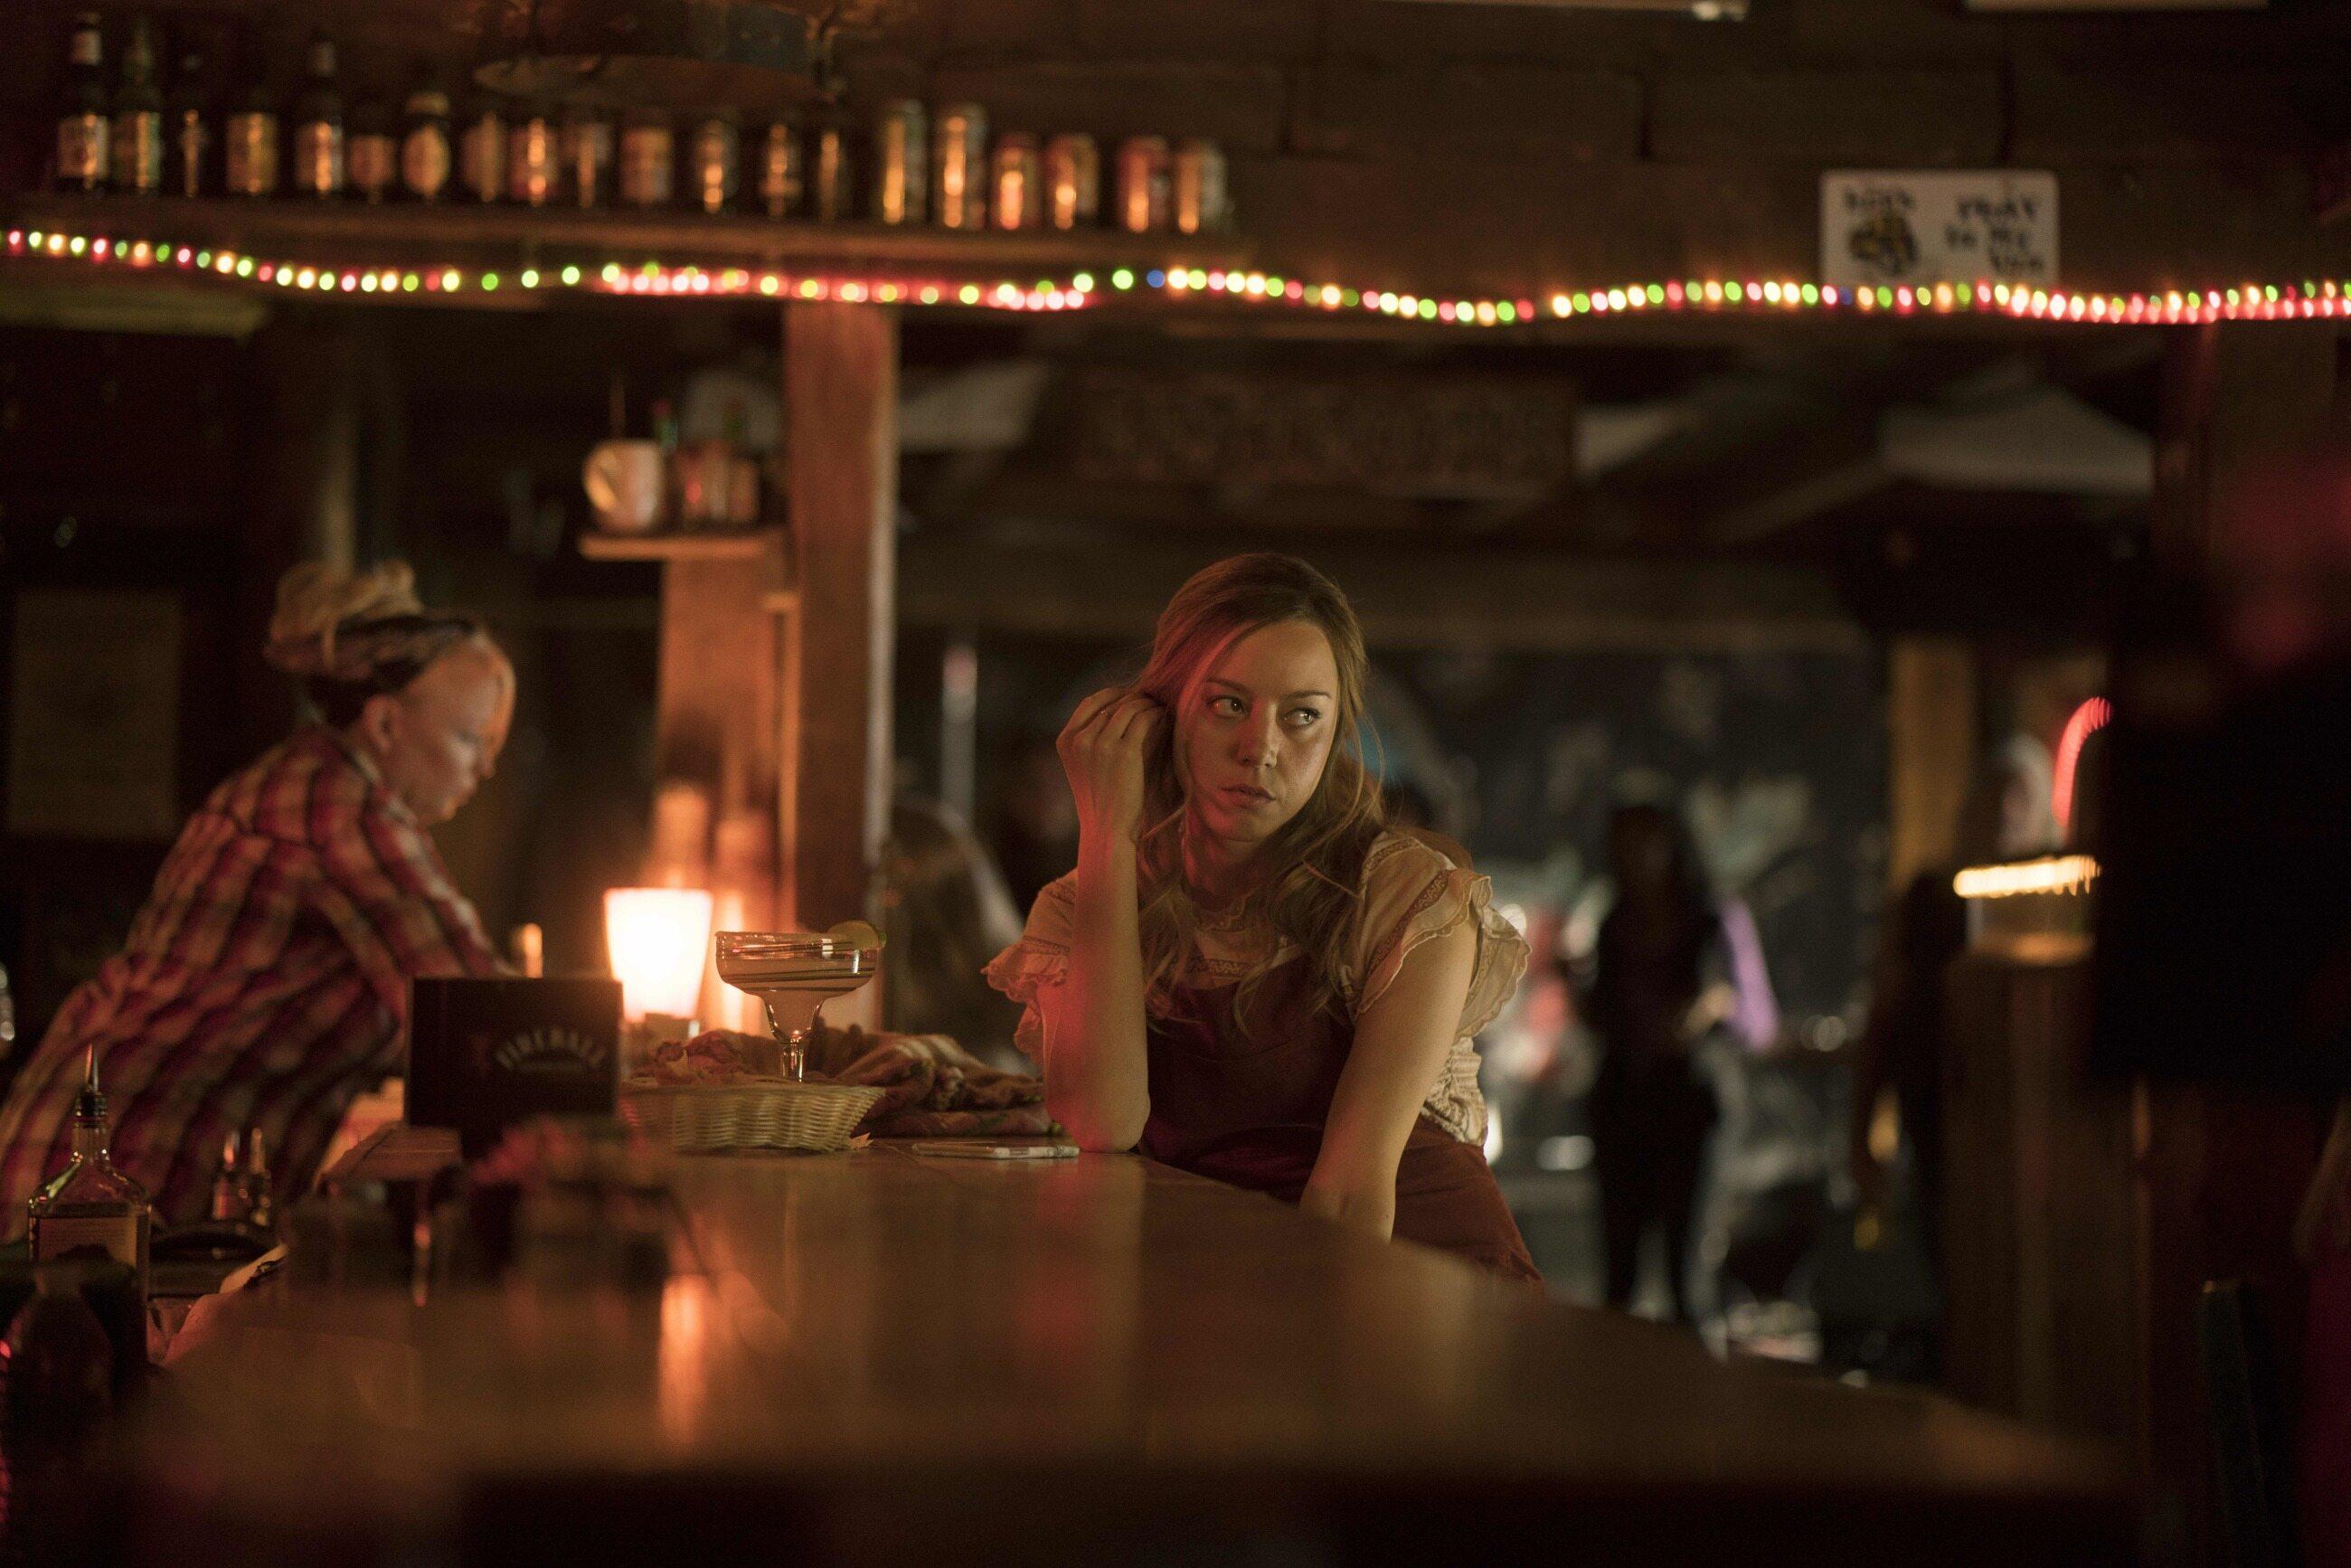 """kadr z filmu """"Ingid goes West"""" (2017)"""